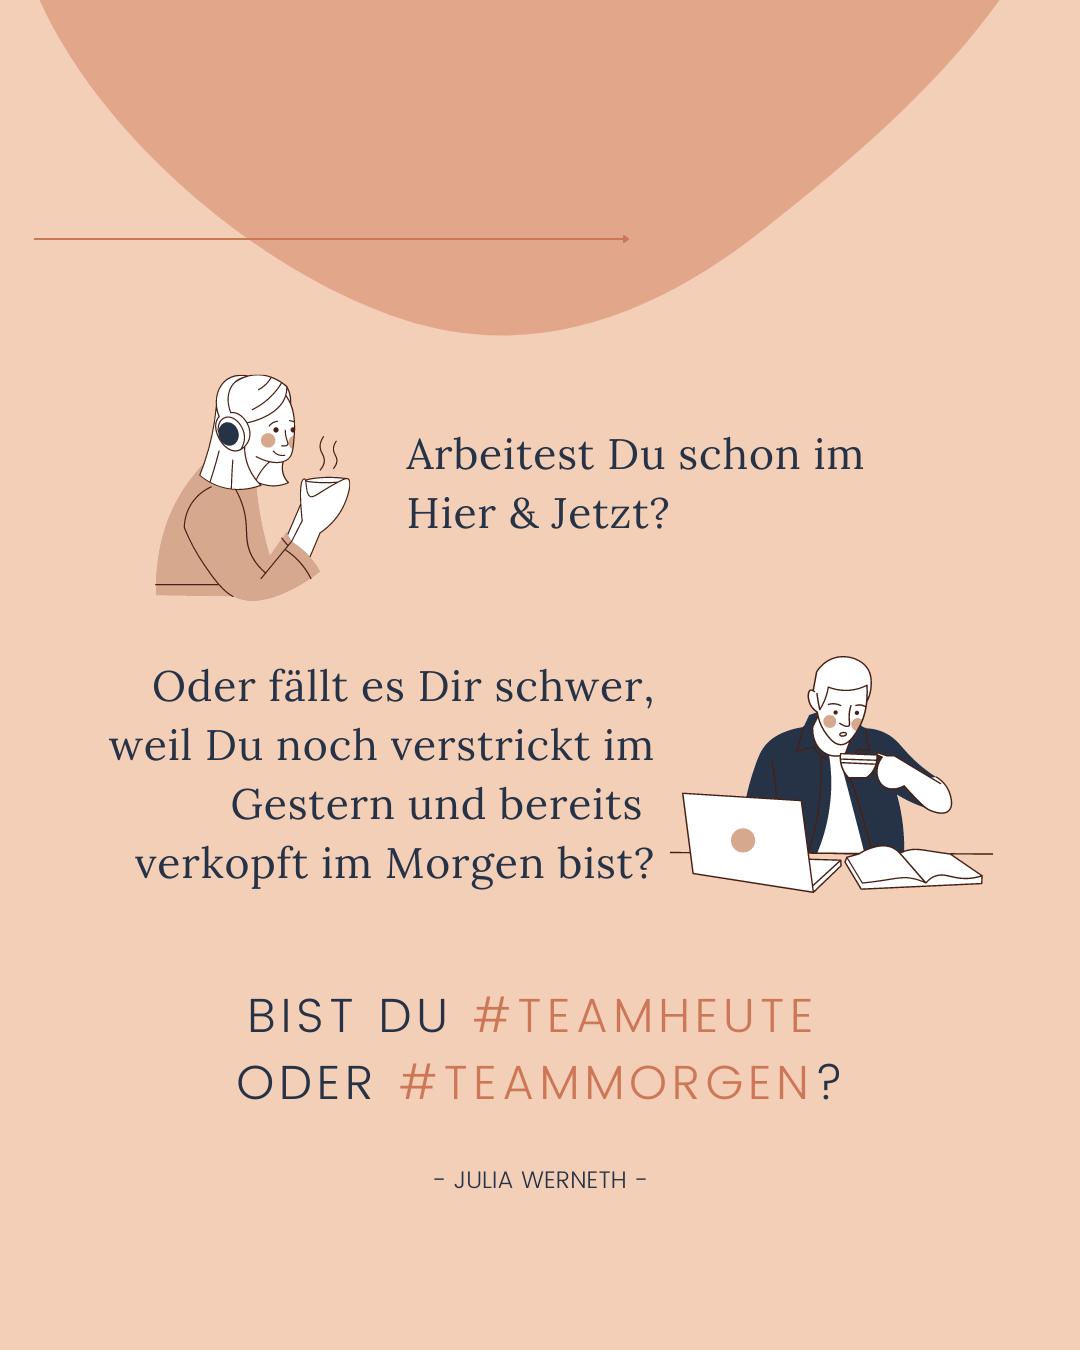 Julia Werneth - Mindful Business - Team Heute oder Team Morgen